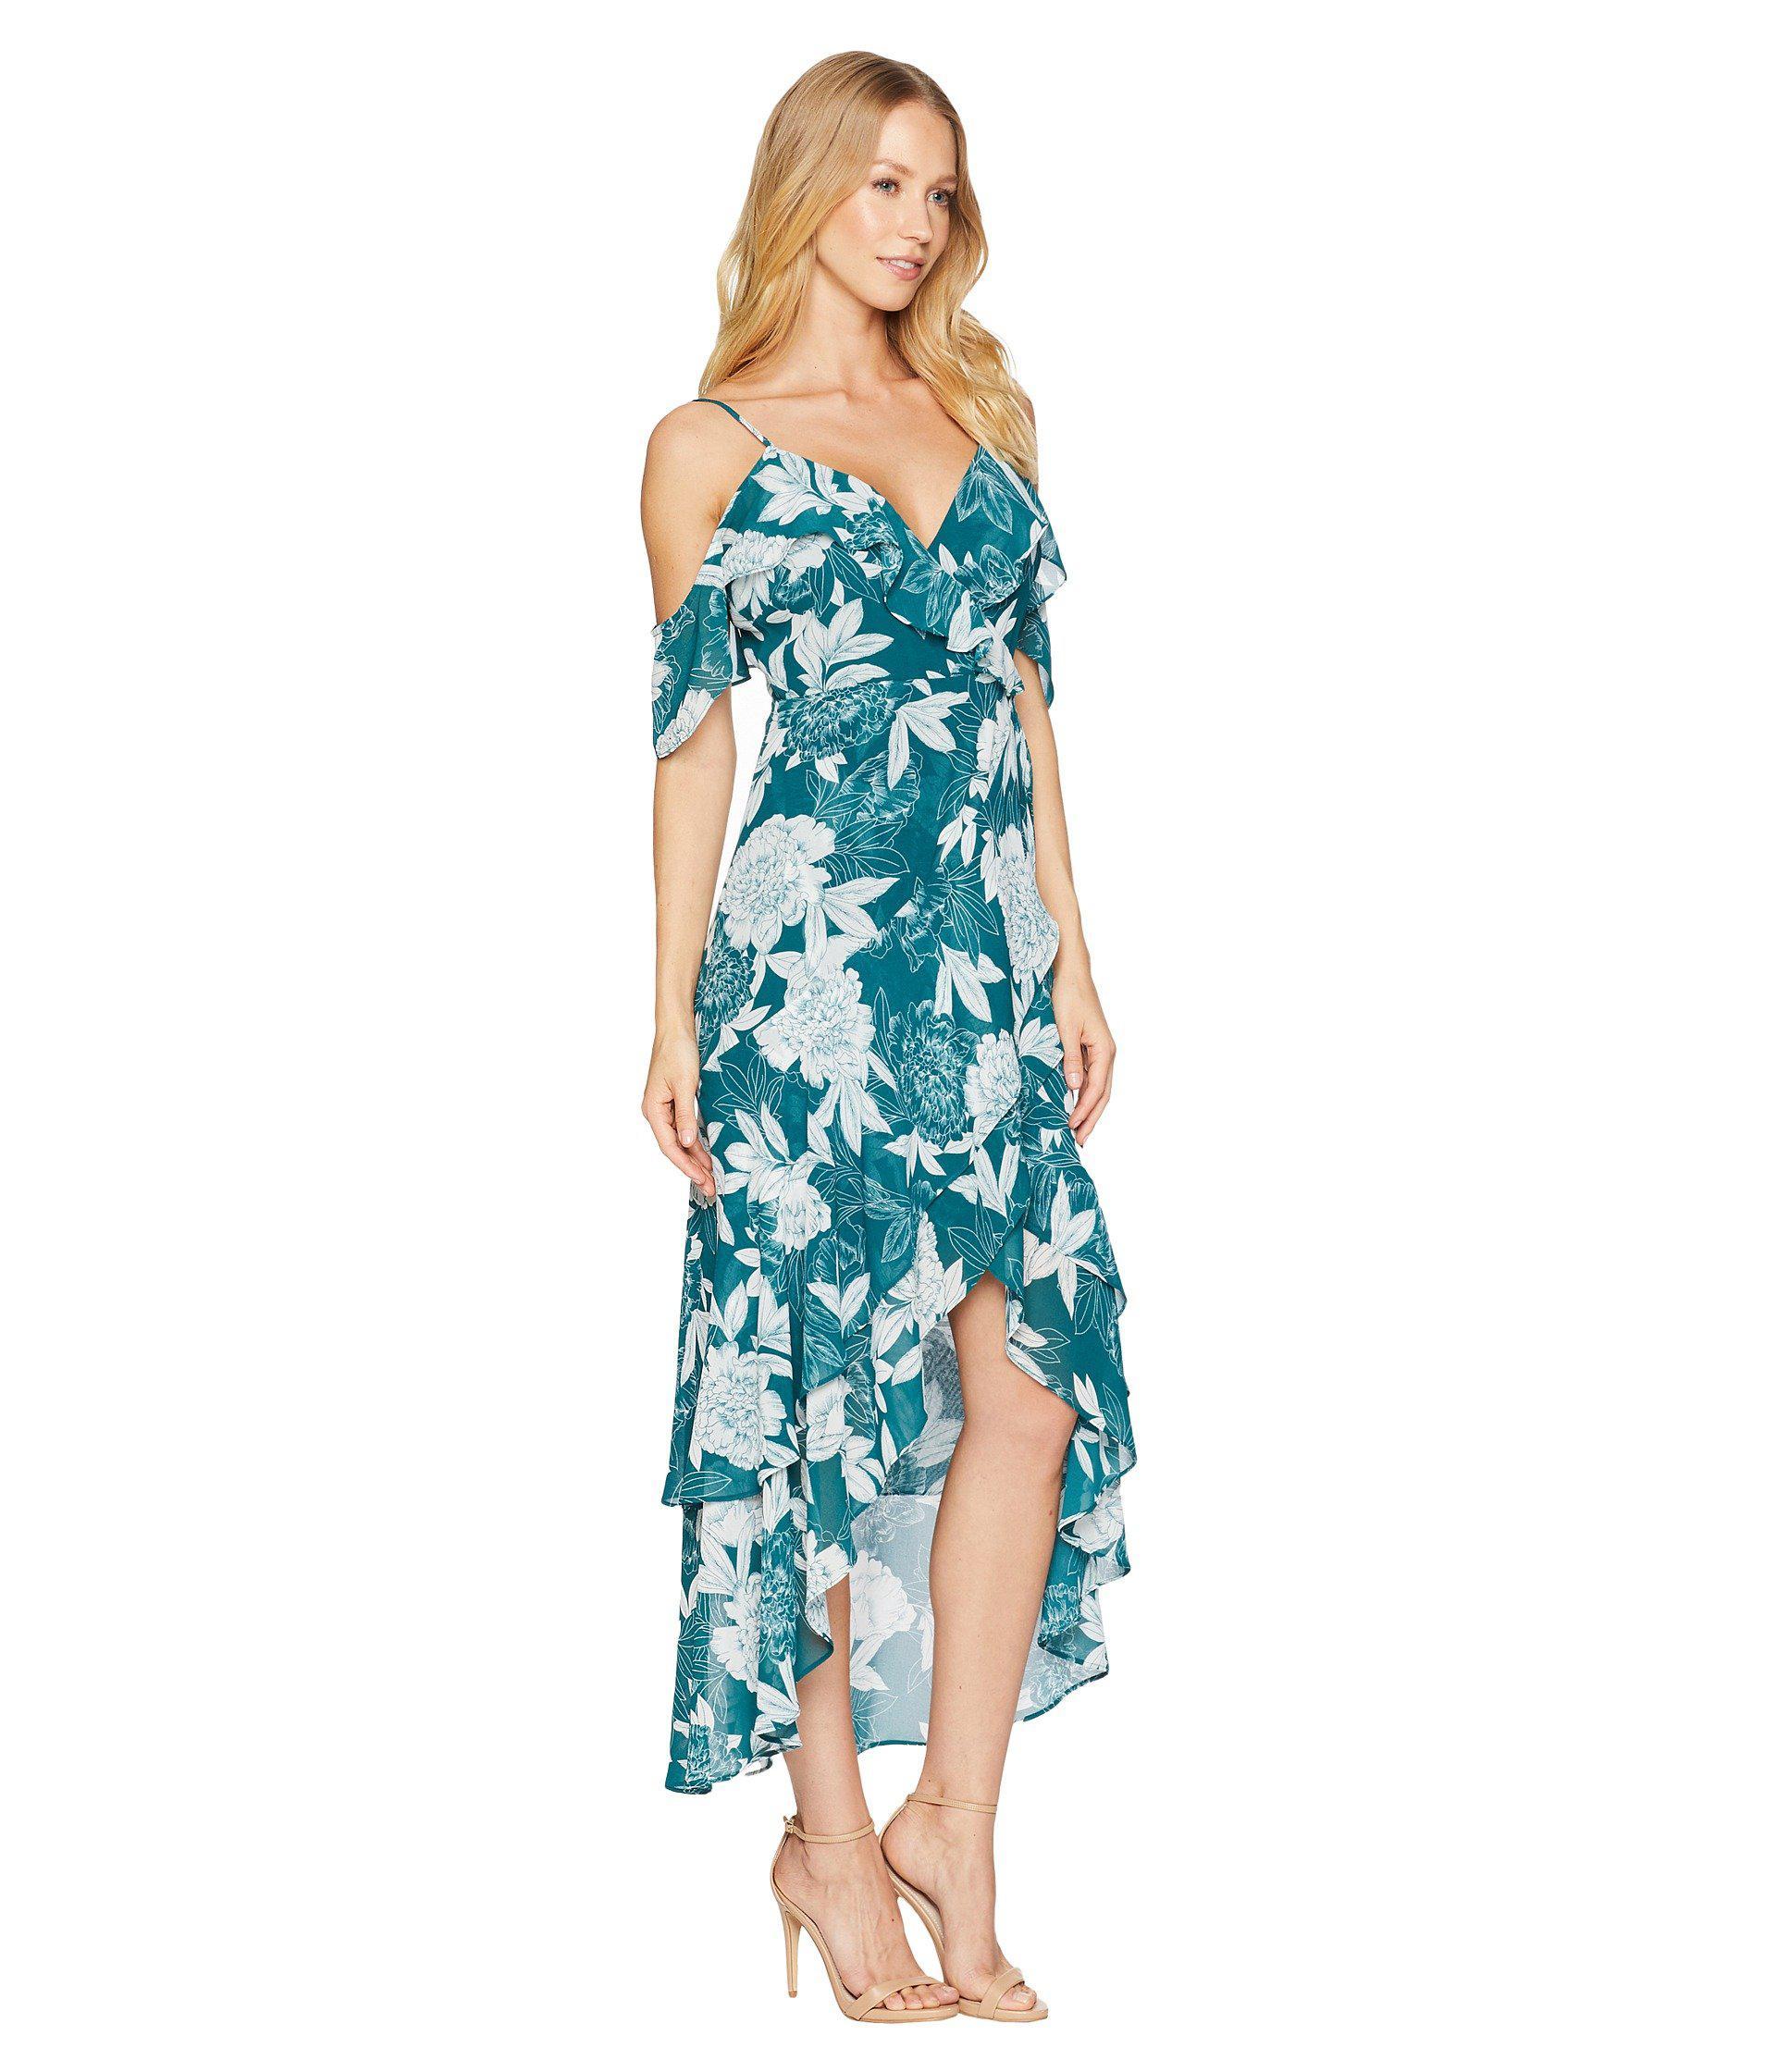 Lyst - Bardot Garden Party Dress in Blue